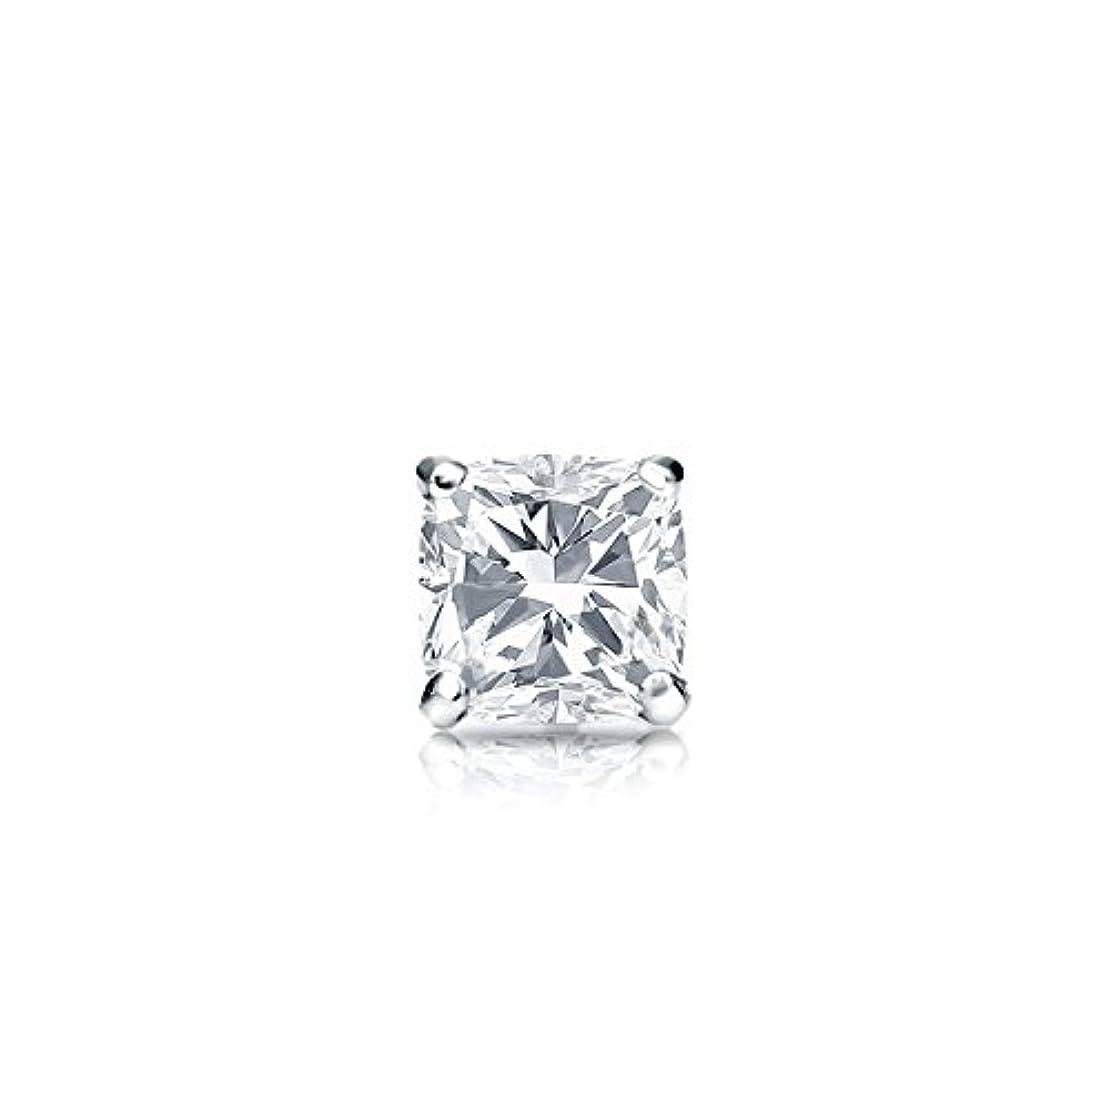 寄託絶妙まもなくプラチナ4プロングMartiniクッションダイヤモンドメンズシングルスタッドイヤリング( 1 / 4 – 1 CT、ホワイト、si2 ) push-back